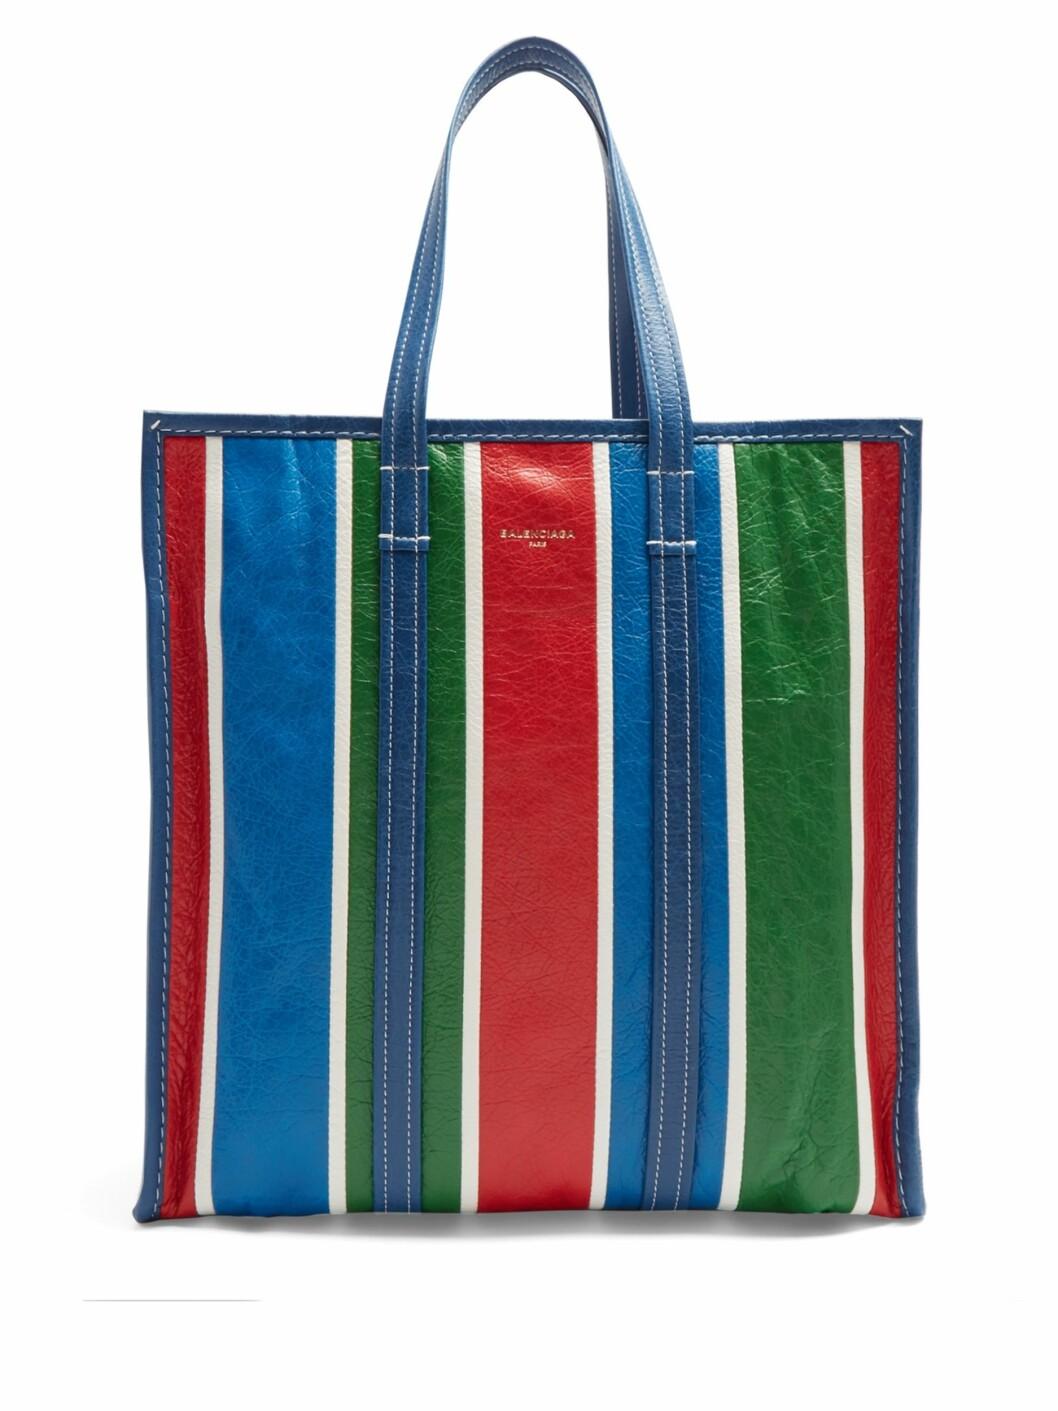 <strong>Veske fra Balenciaga |7755,-| https:</strong>//www.matchesfashion.com/intl/products/Balenciaga-Bazar-shopper-M-1153534